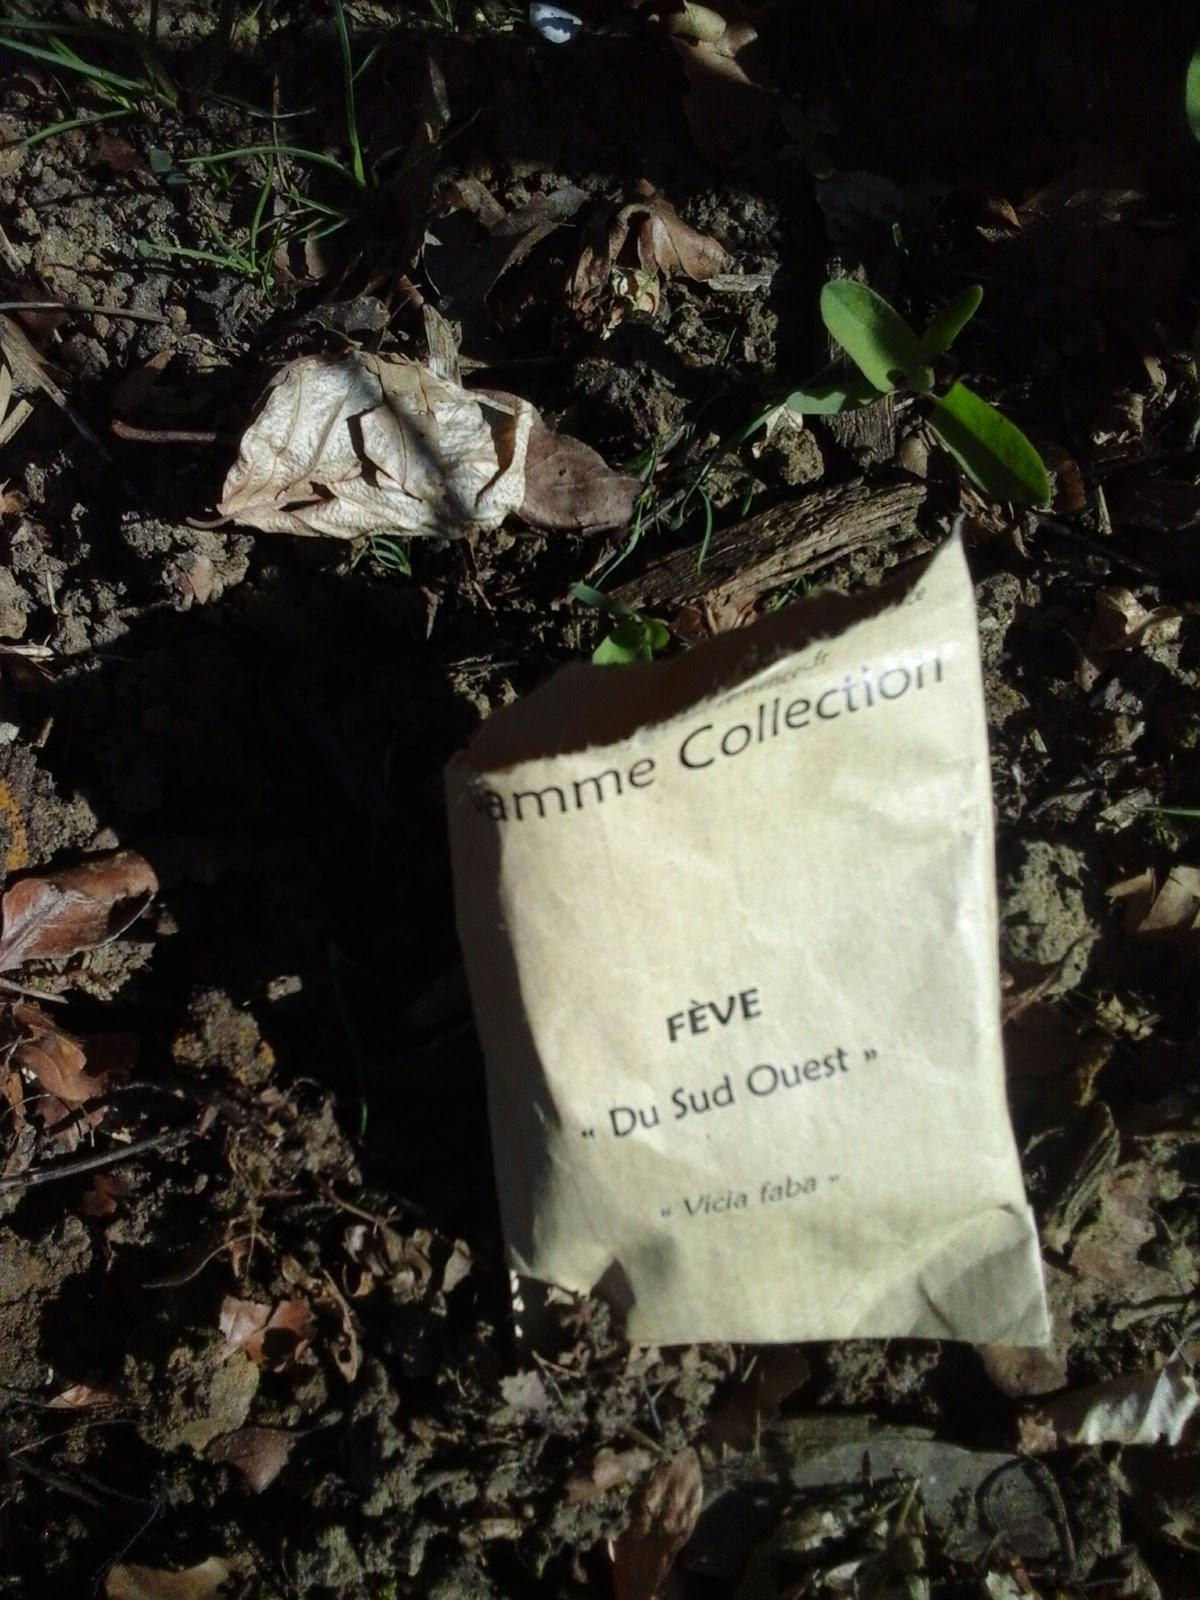 Le potager des violettes entretien des bordures du potager et semis - Planter des graines de potiron ...